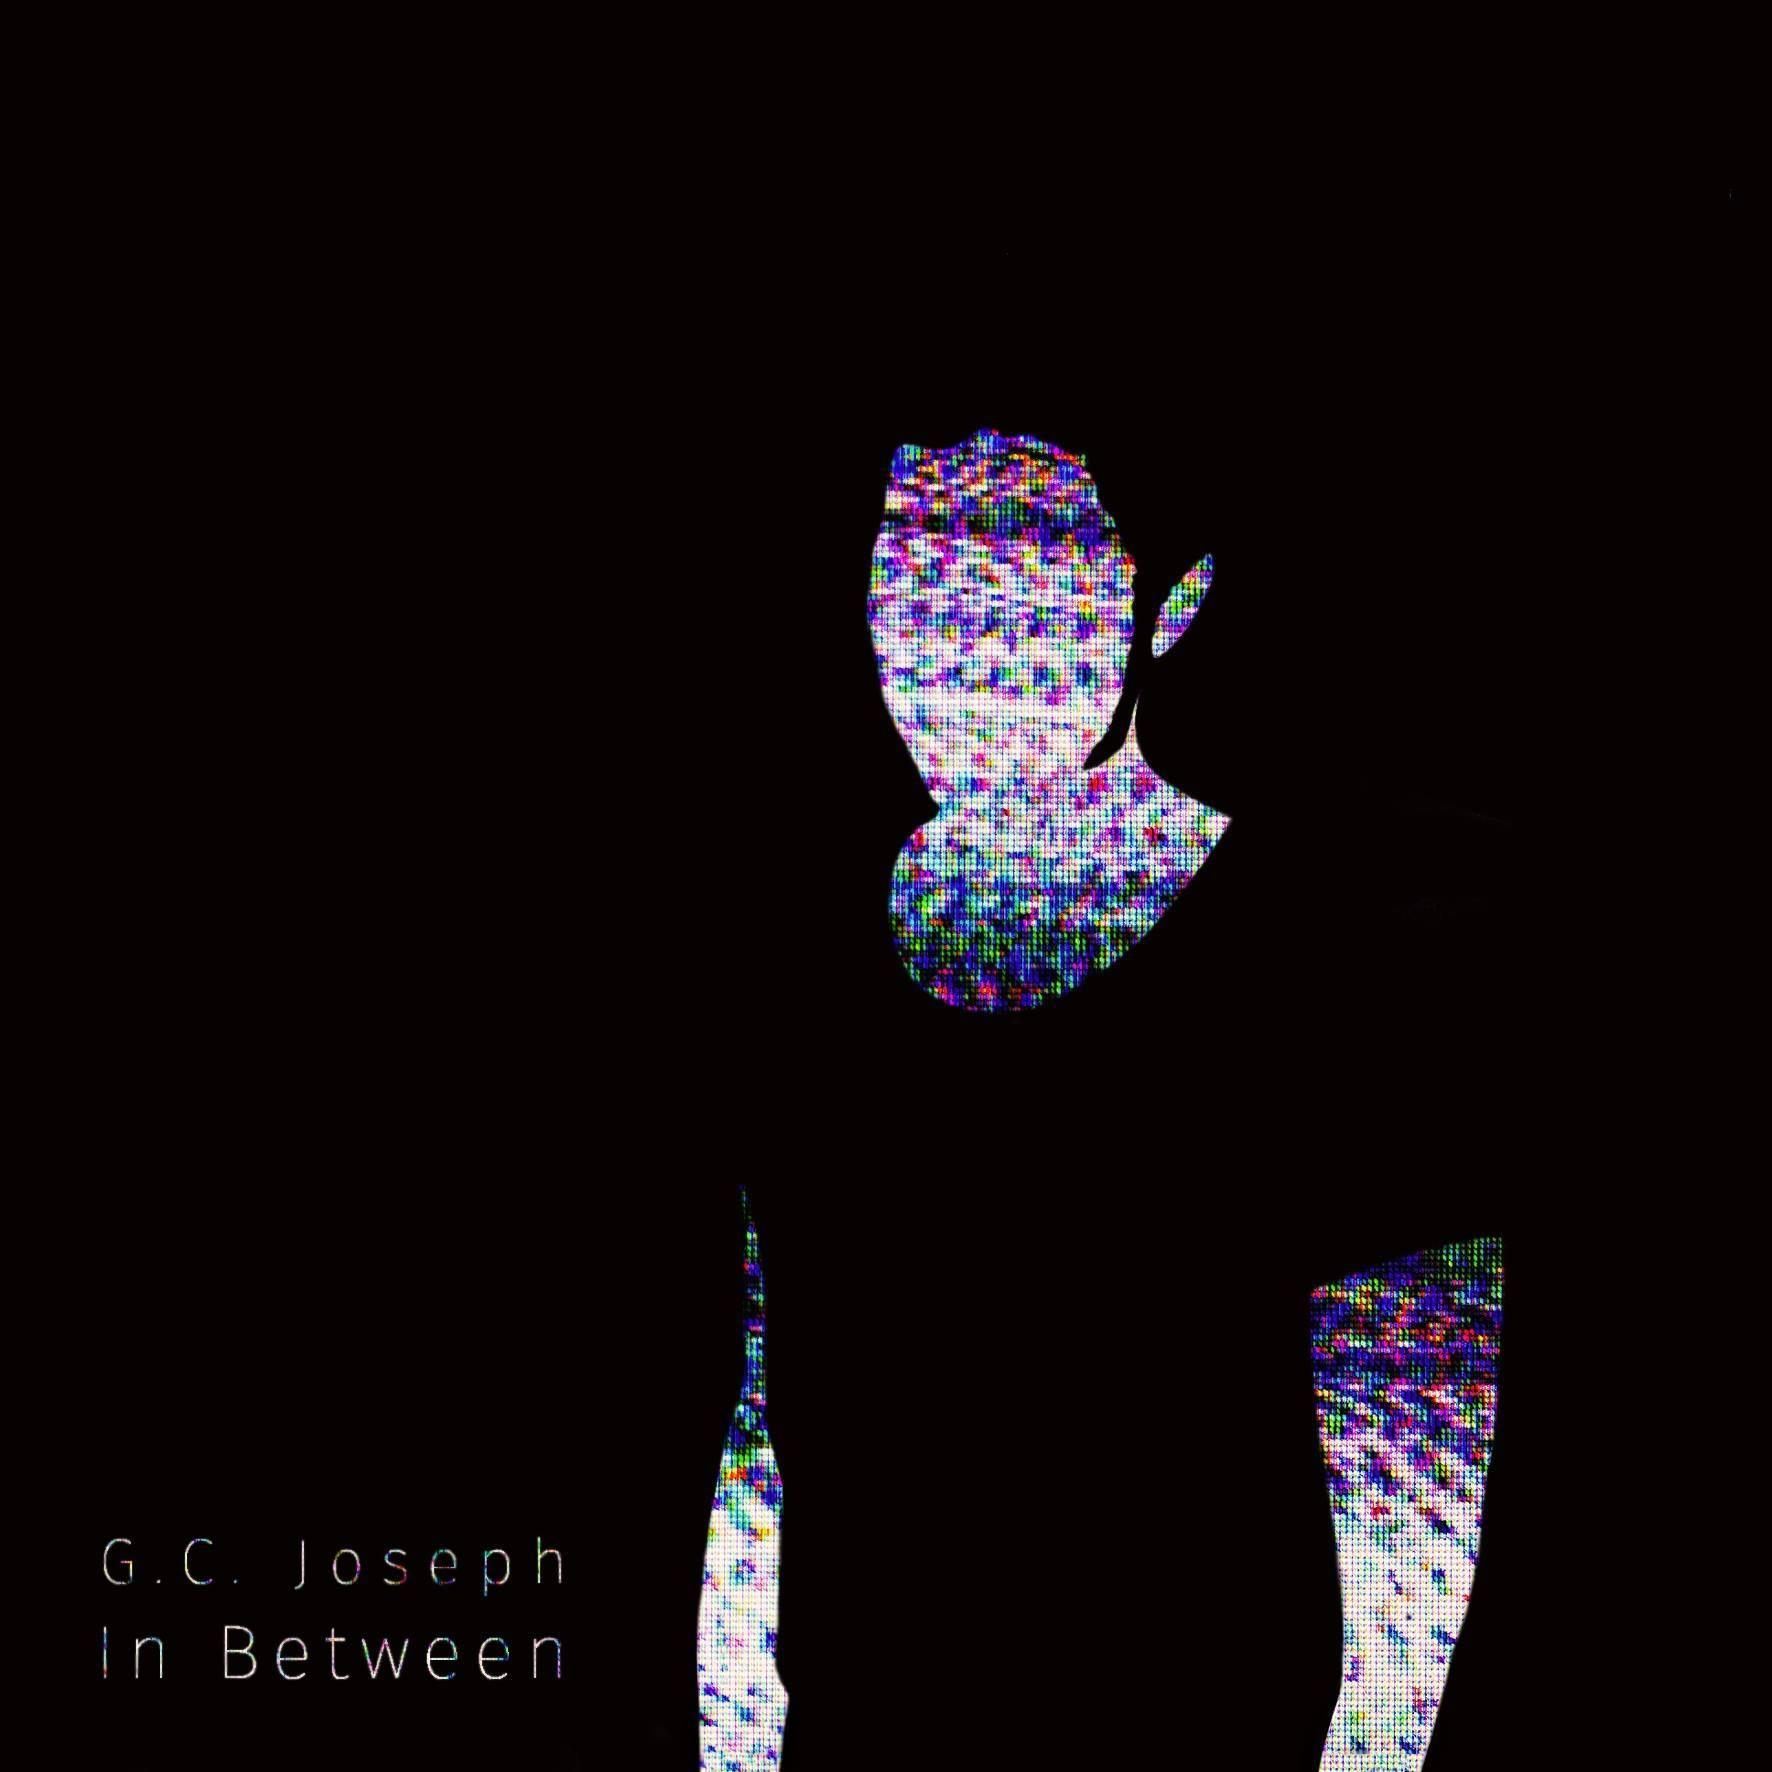 GC Joseph - In between